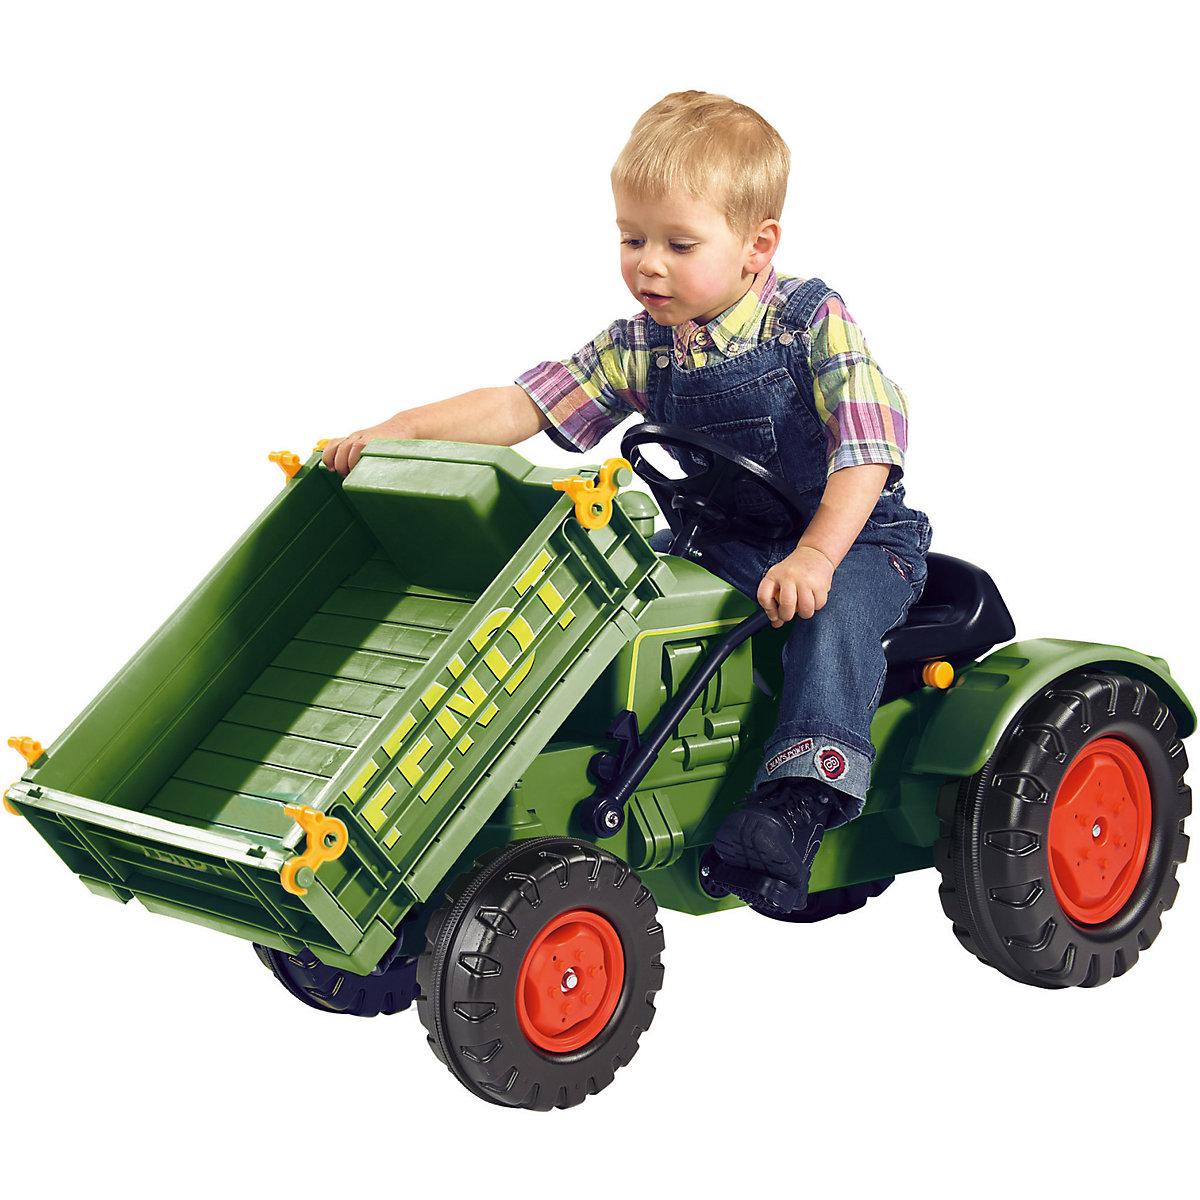 Fendt Traktor von BIG